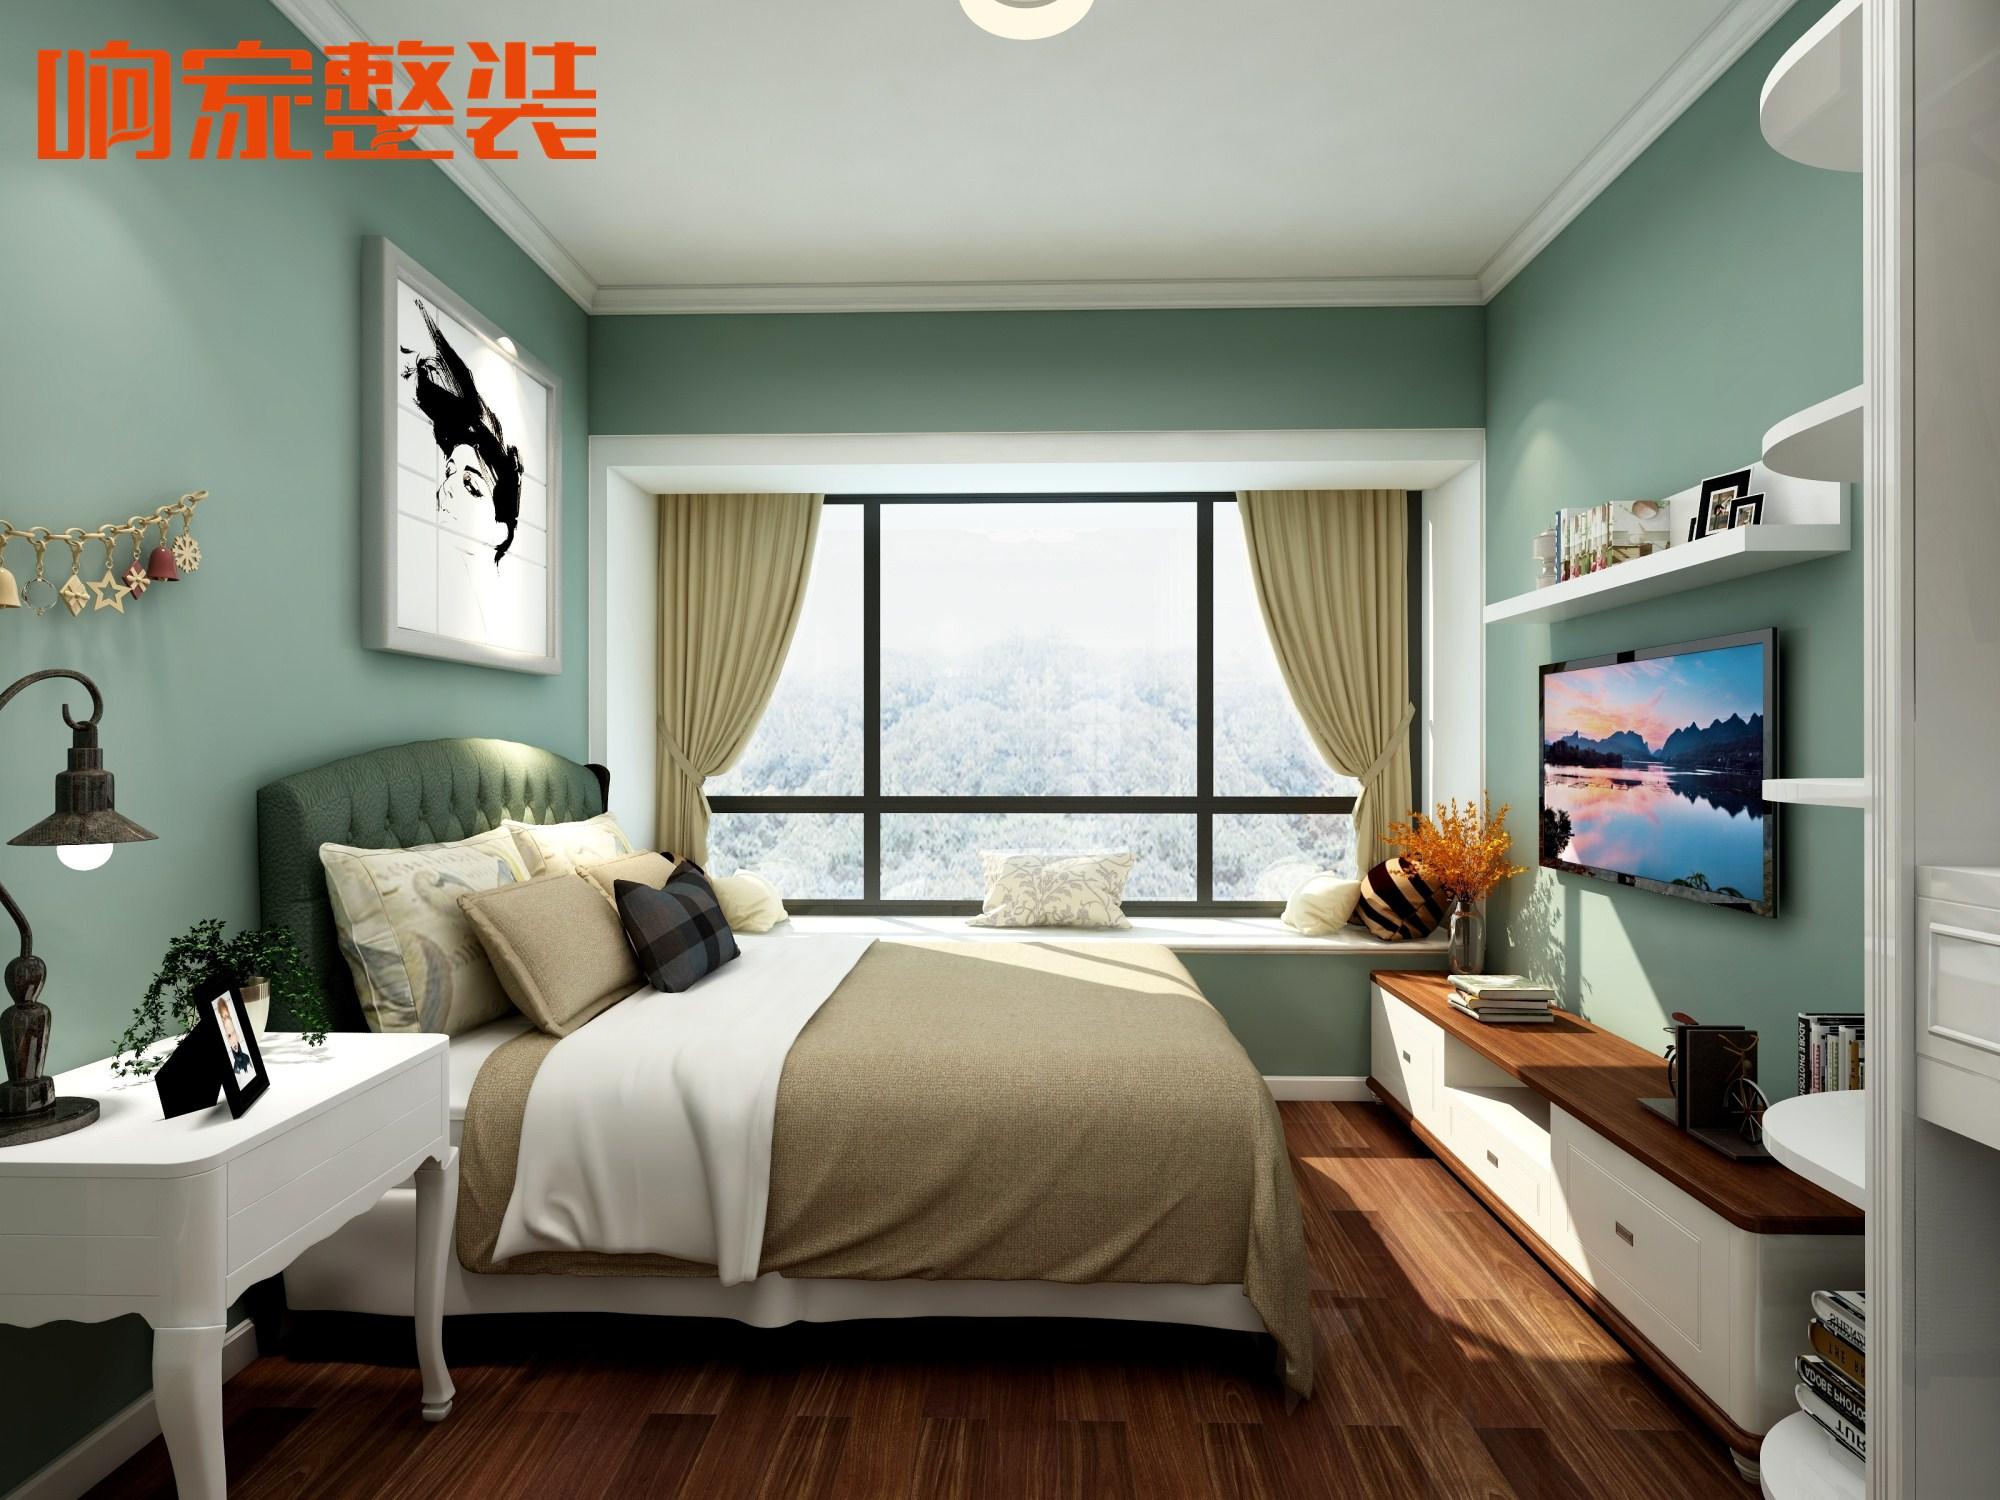 5北欧装修风格响家整体卧室装修效果图.jpg图片